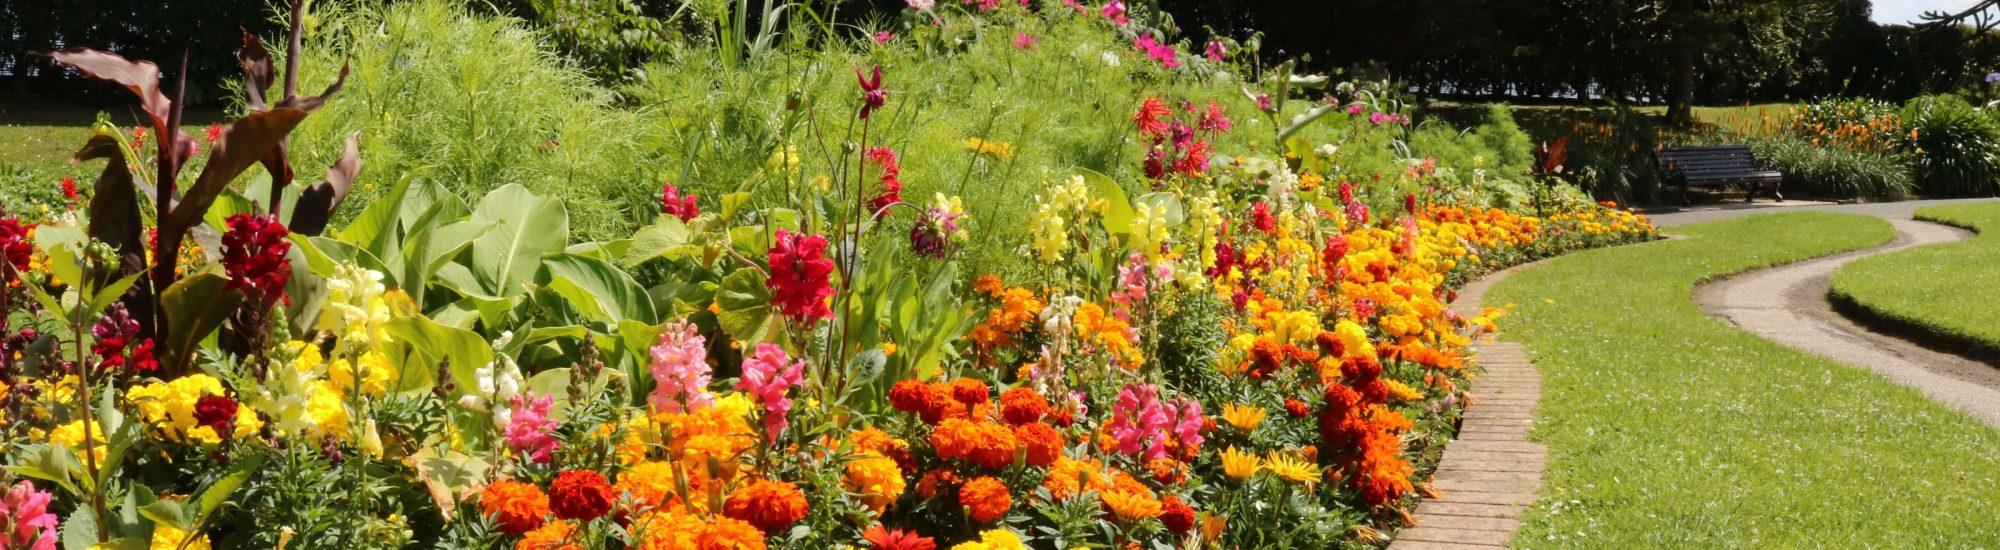 Quenn Mary Garden Gallery | Falmouth